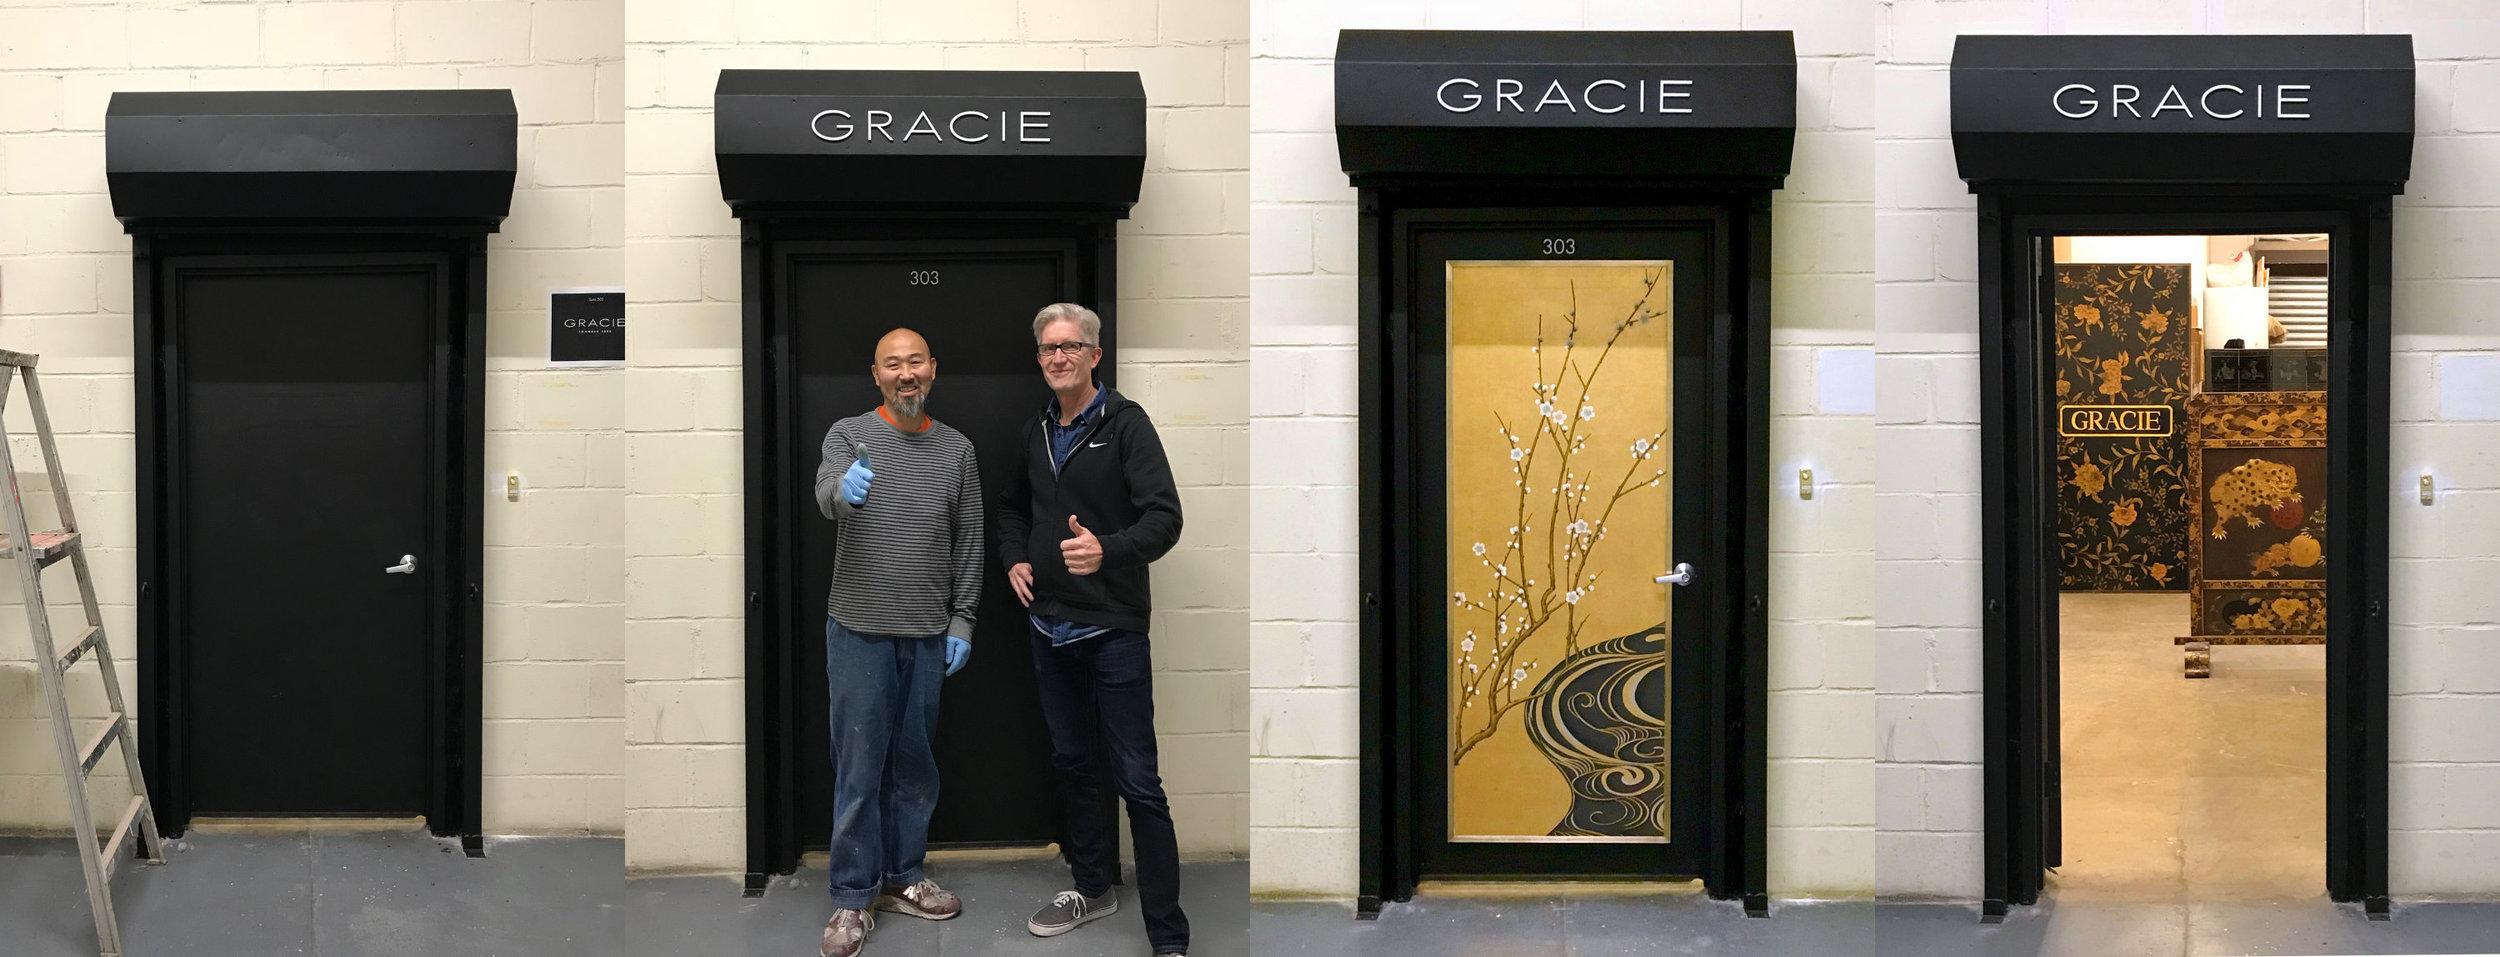 Grace NY Studio Facade Entrance